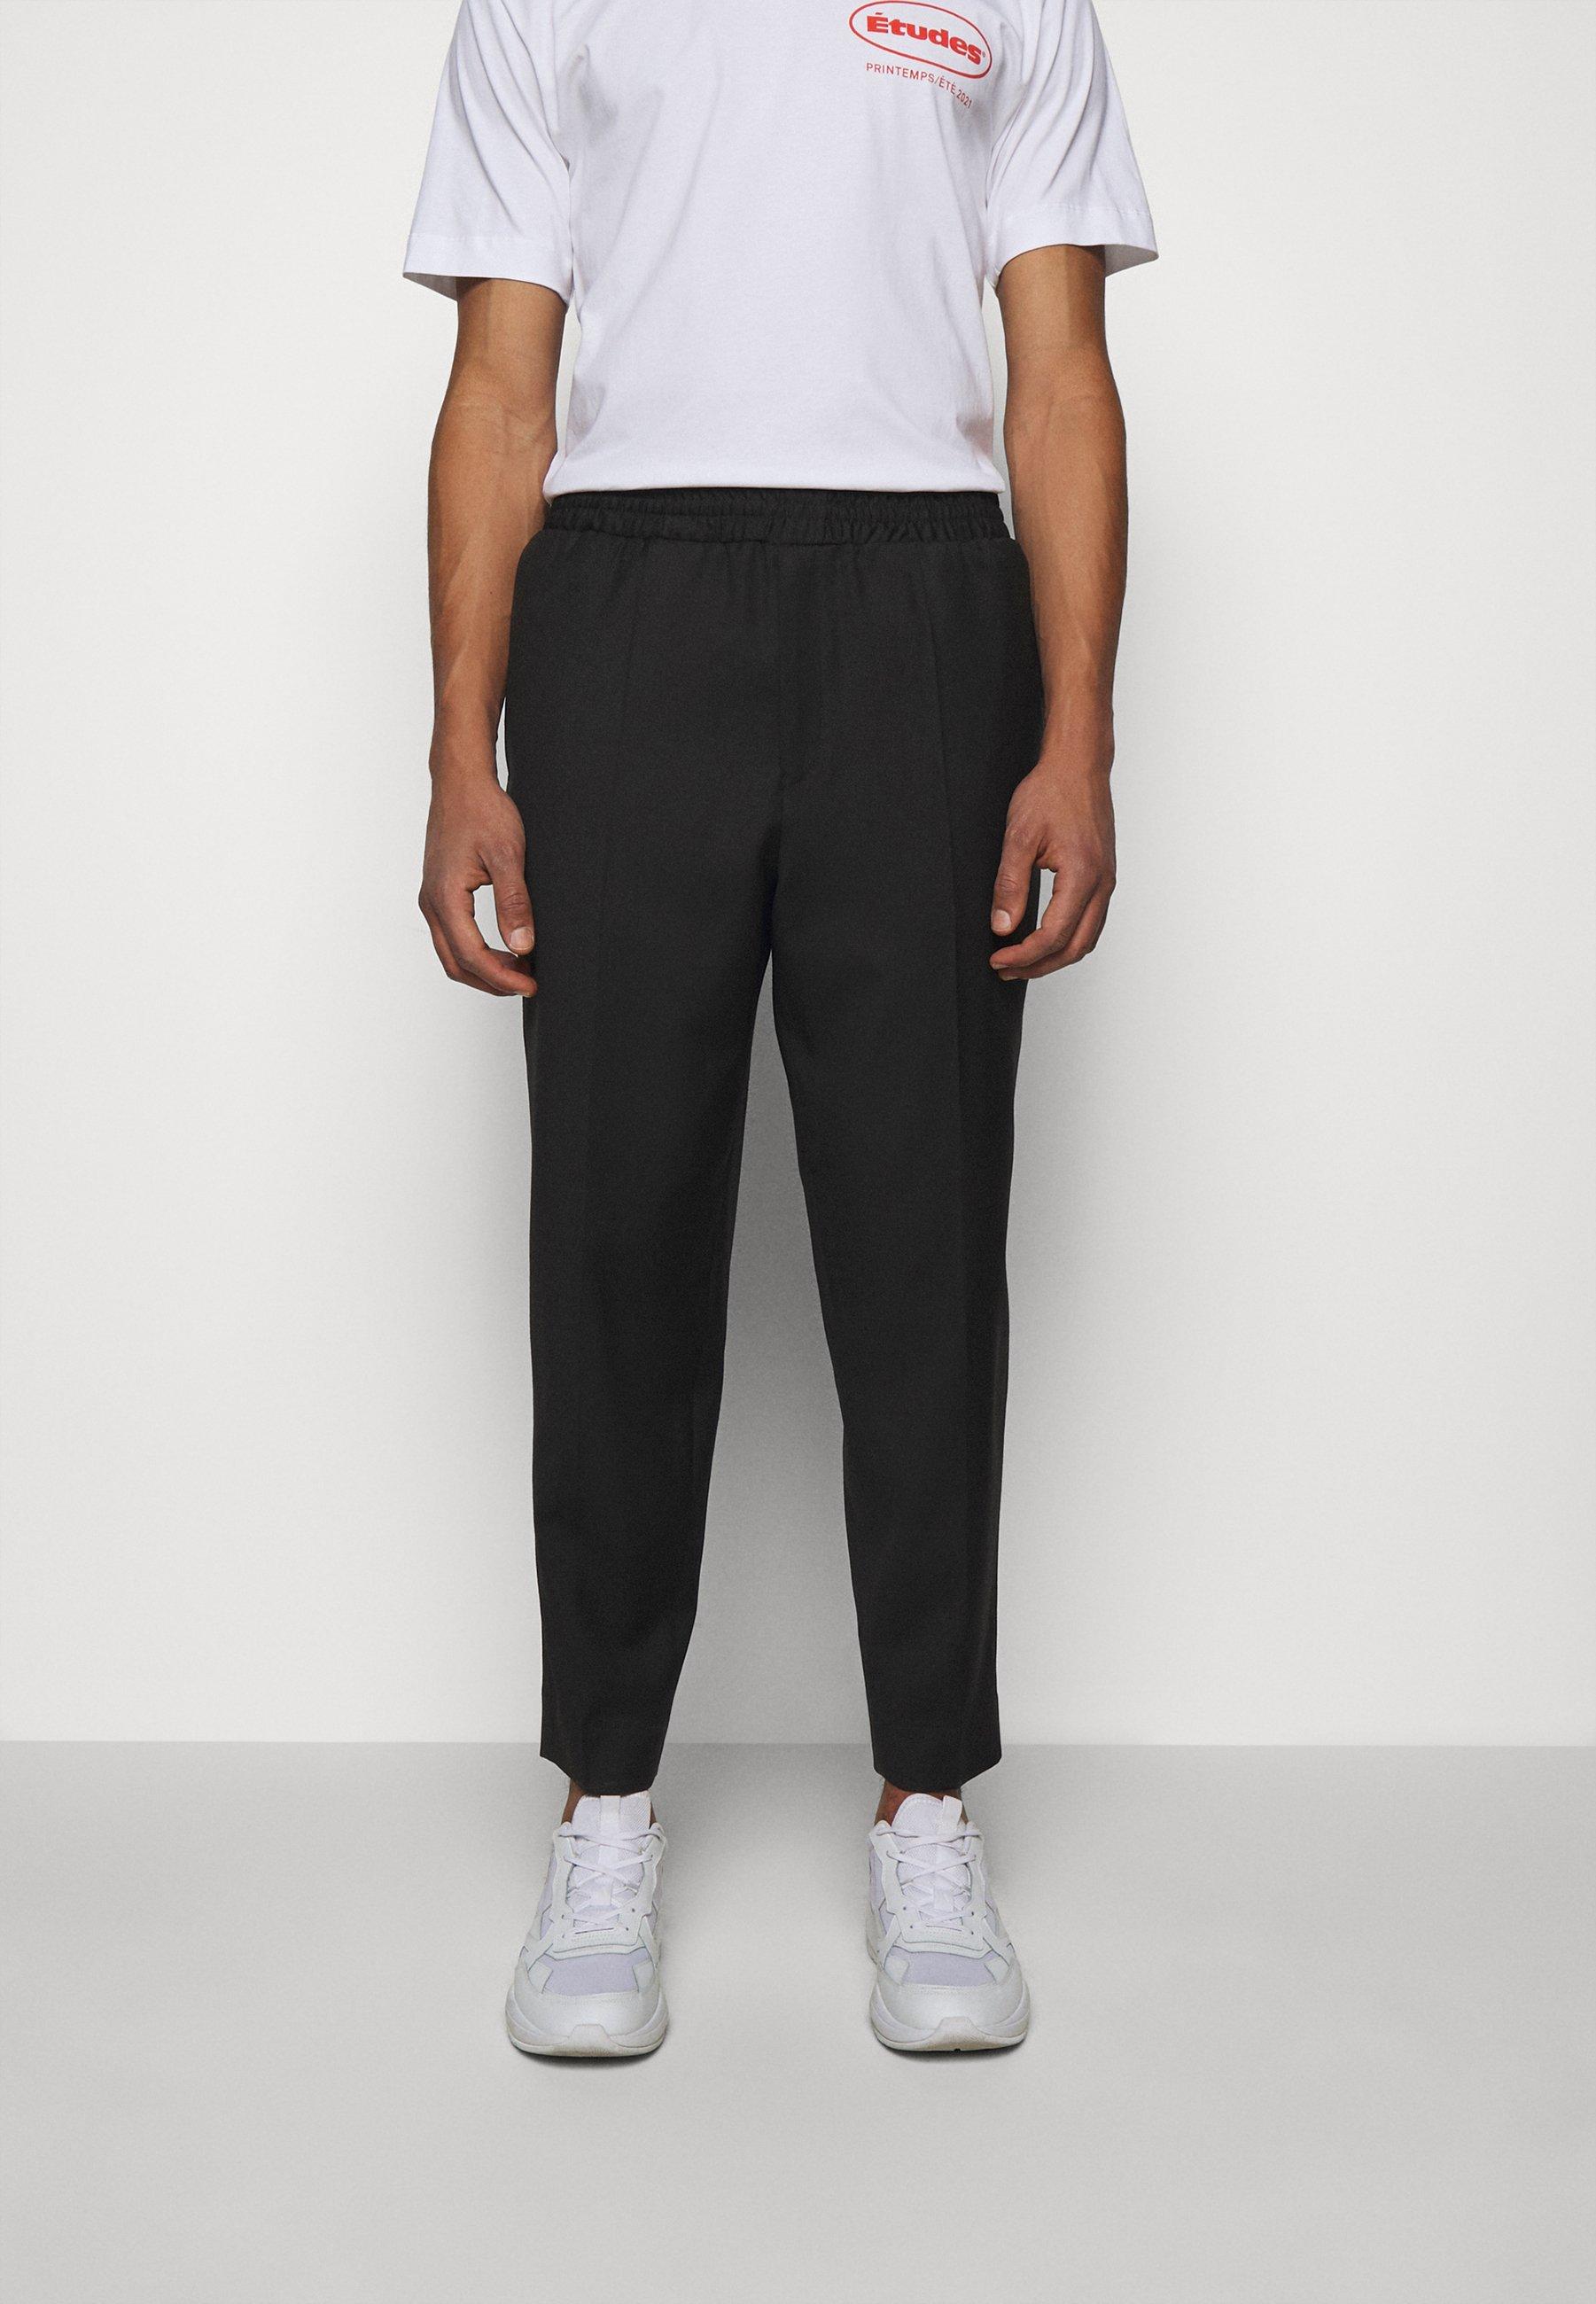 Homme JALOUSIE UNISEX - Pantalon classique